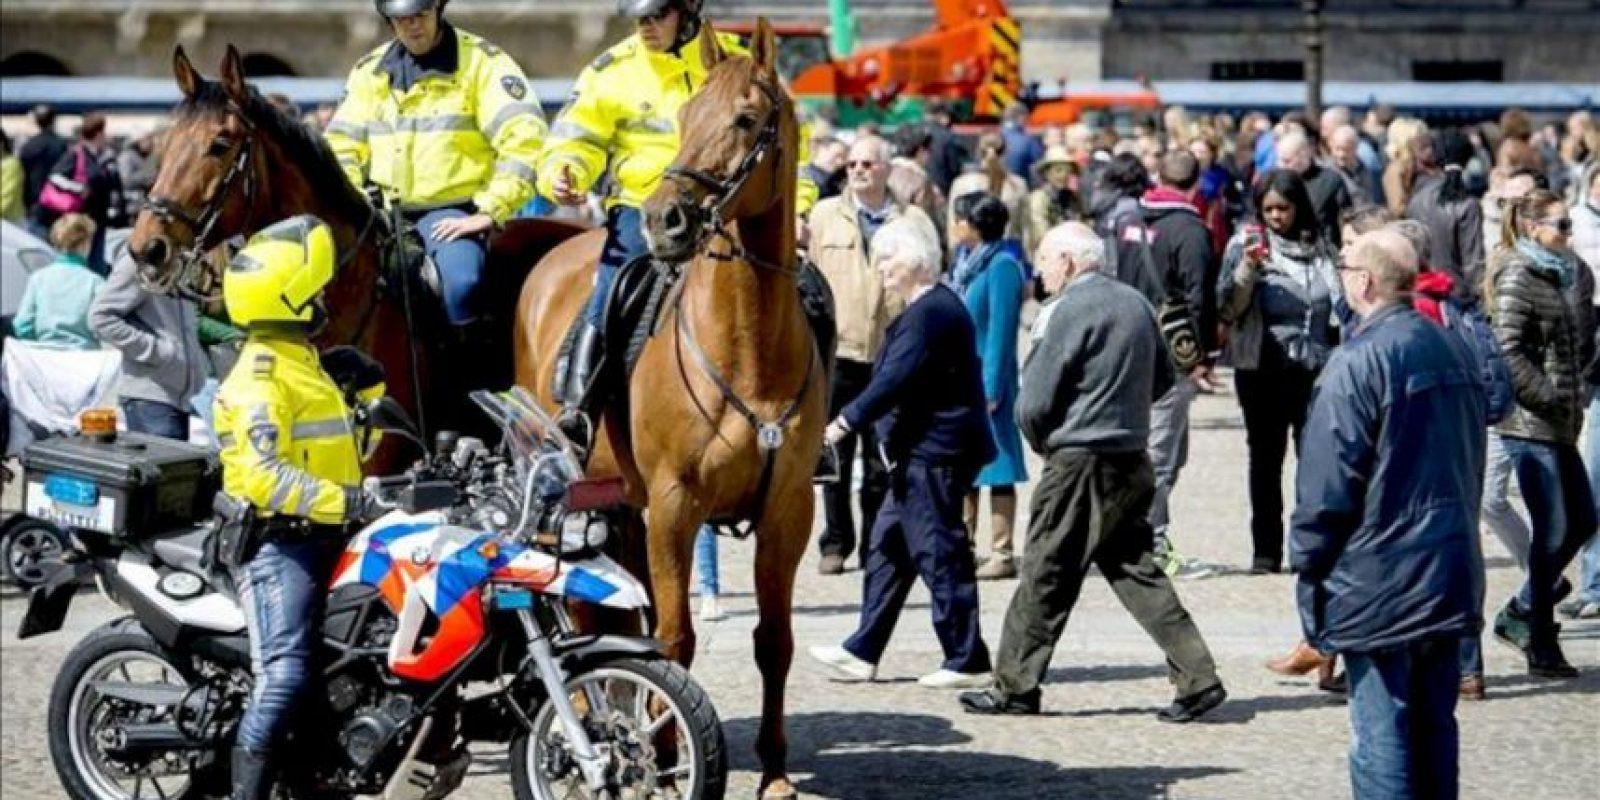 Policías a caballo y en motocicleta en el centro de Ámsterdam, Países Bajos. EFE/Koen van Weel